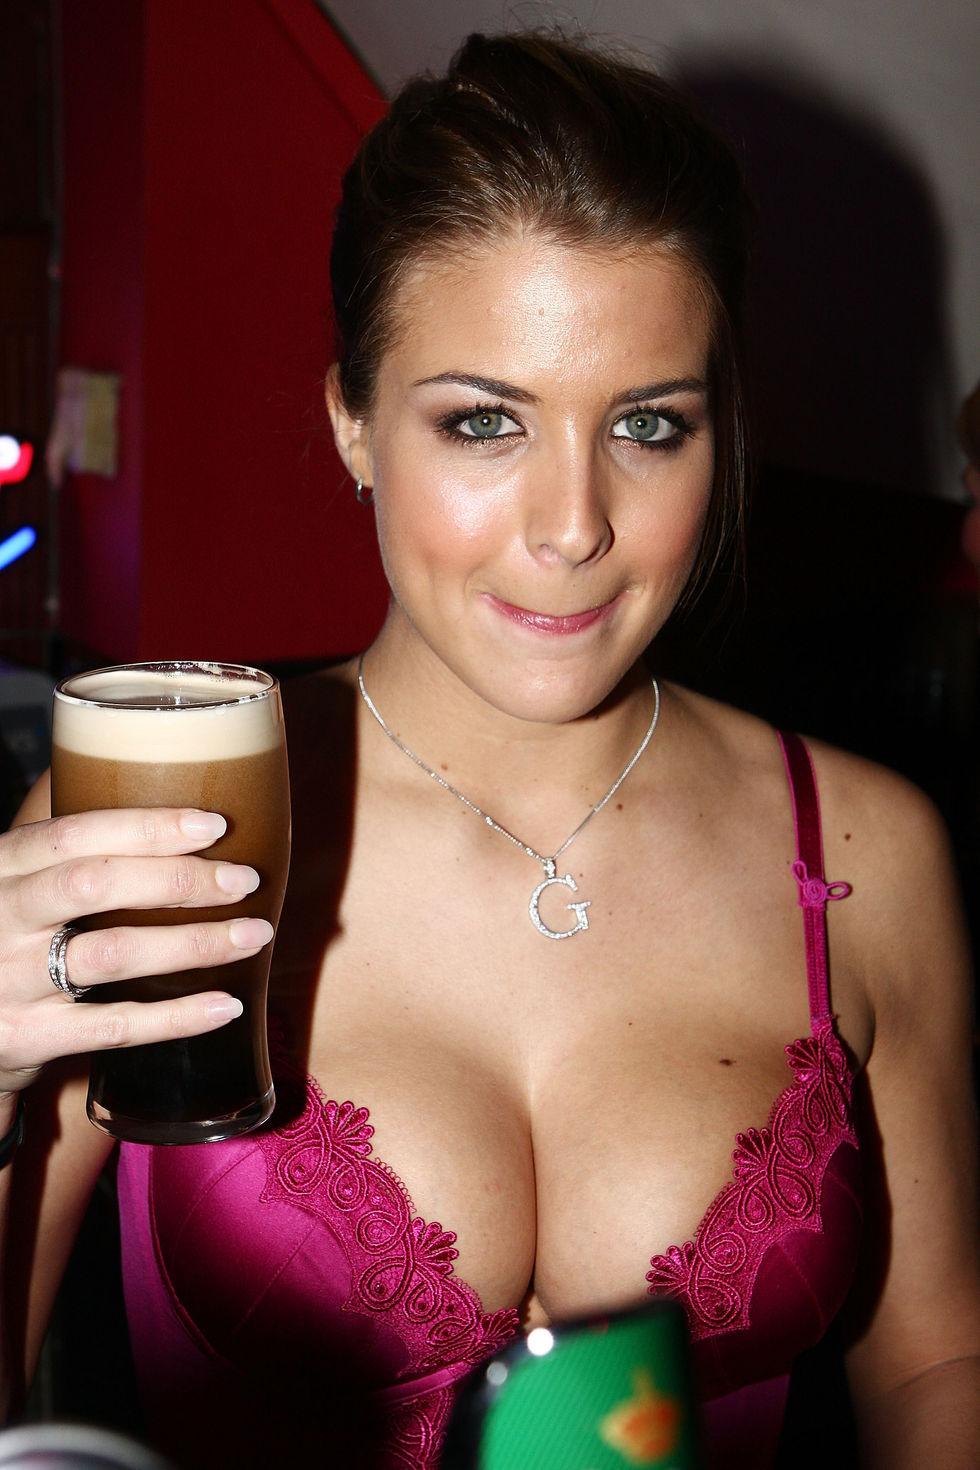 gemma-atkinson-big-cleavage-candids-in-citi-bar-in-dublin-01